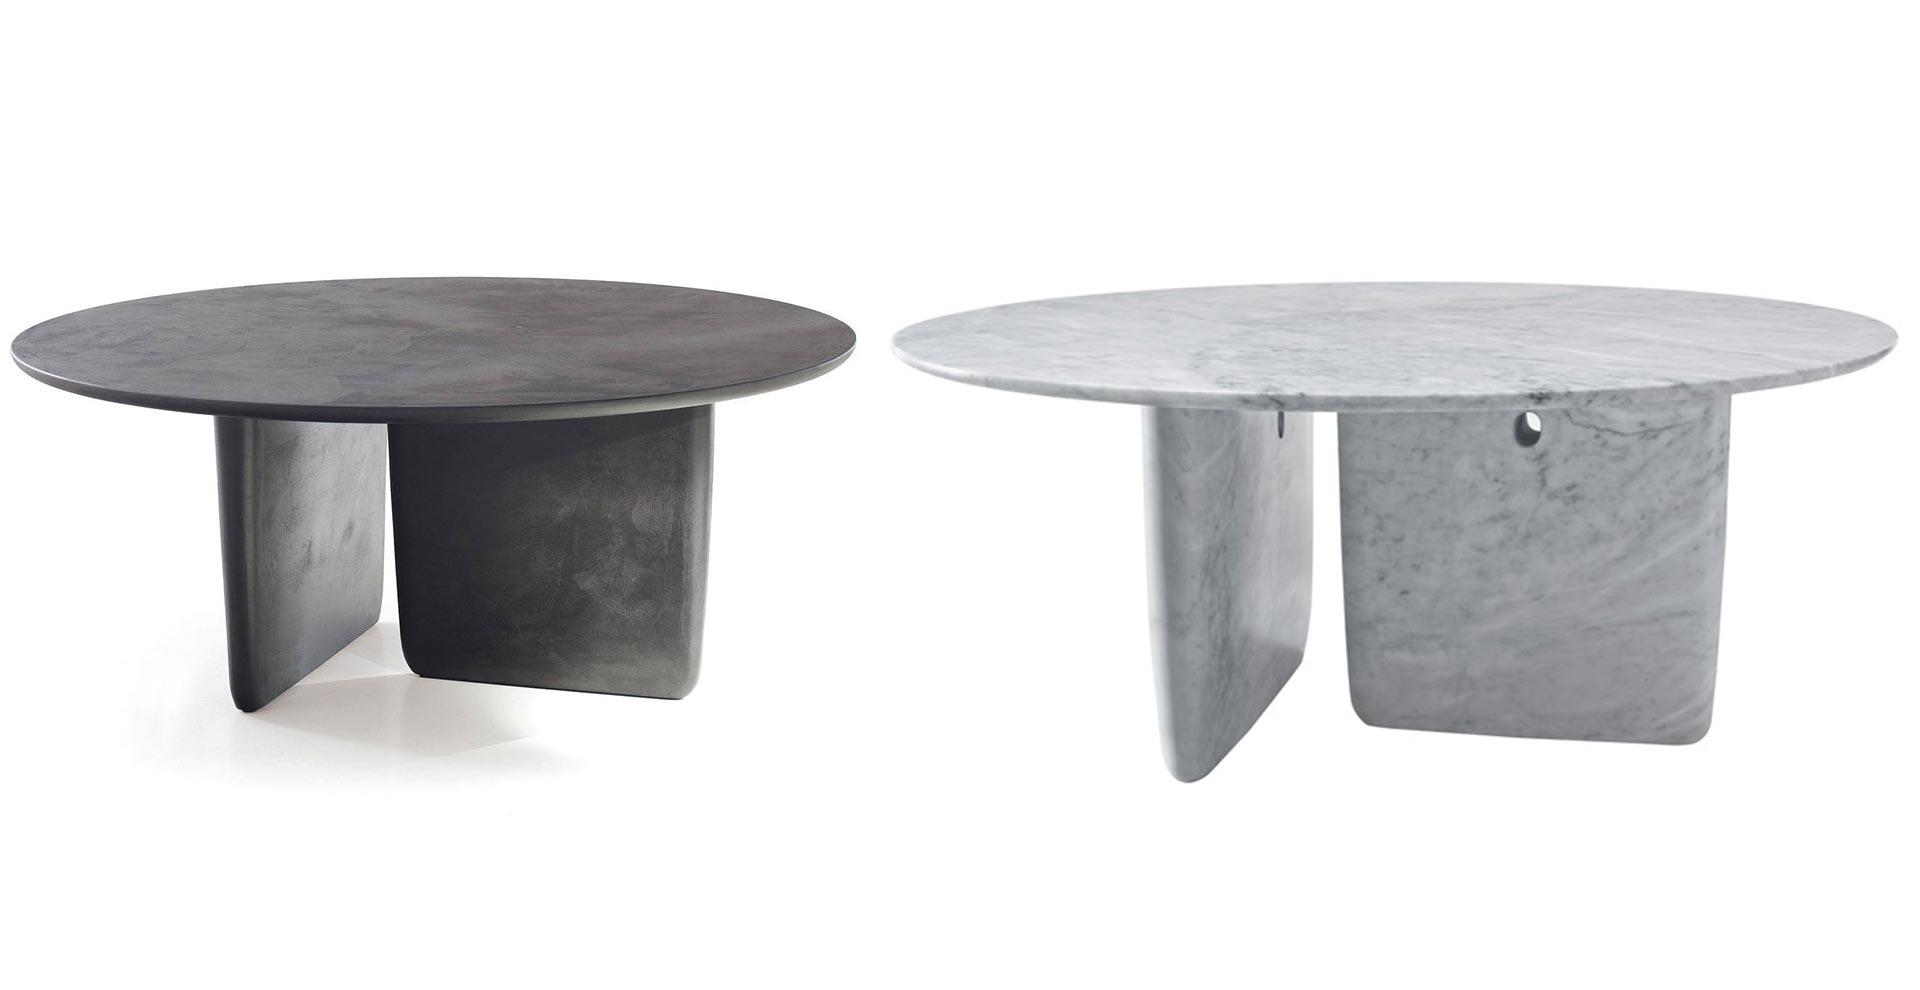 Tobi-Ishi B&B Italia - table tobi-ishi b&b italia